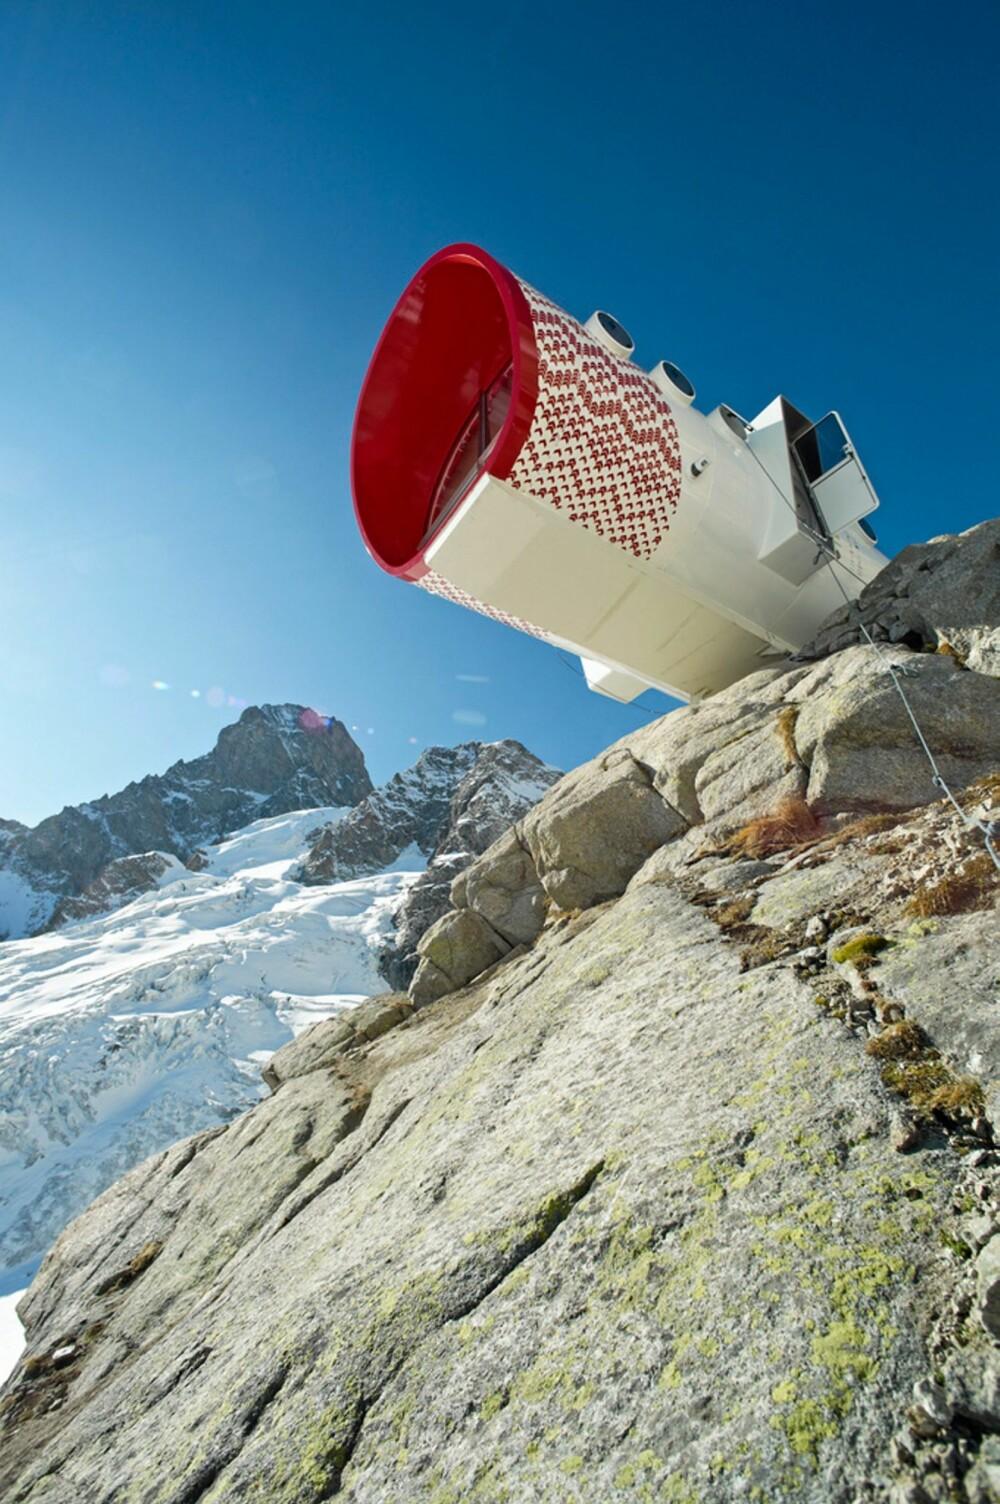 BLIKKFANG: Det røde mønsteret skal være et blikkfang for fjellklatrerne. Det kan også ha en hensikt i nødsituasjoner.